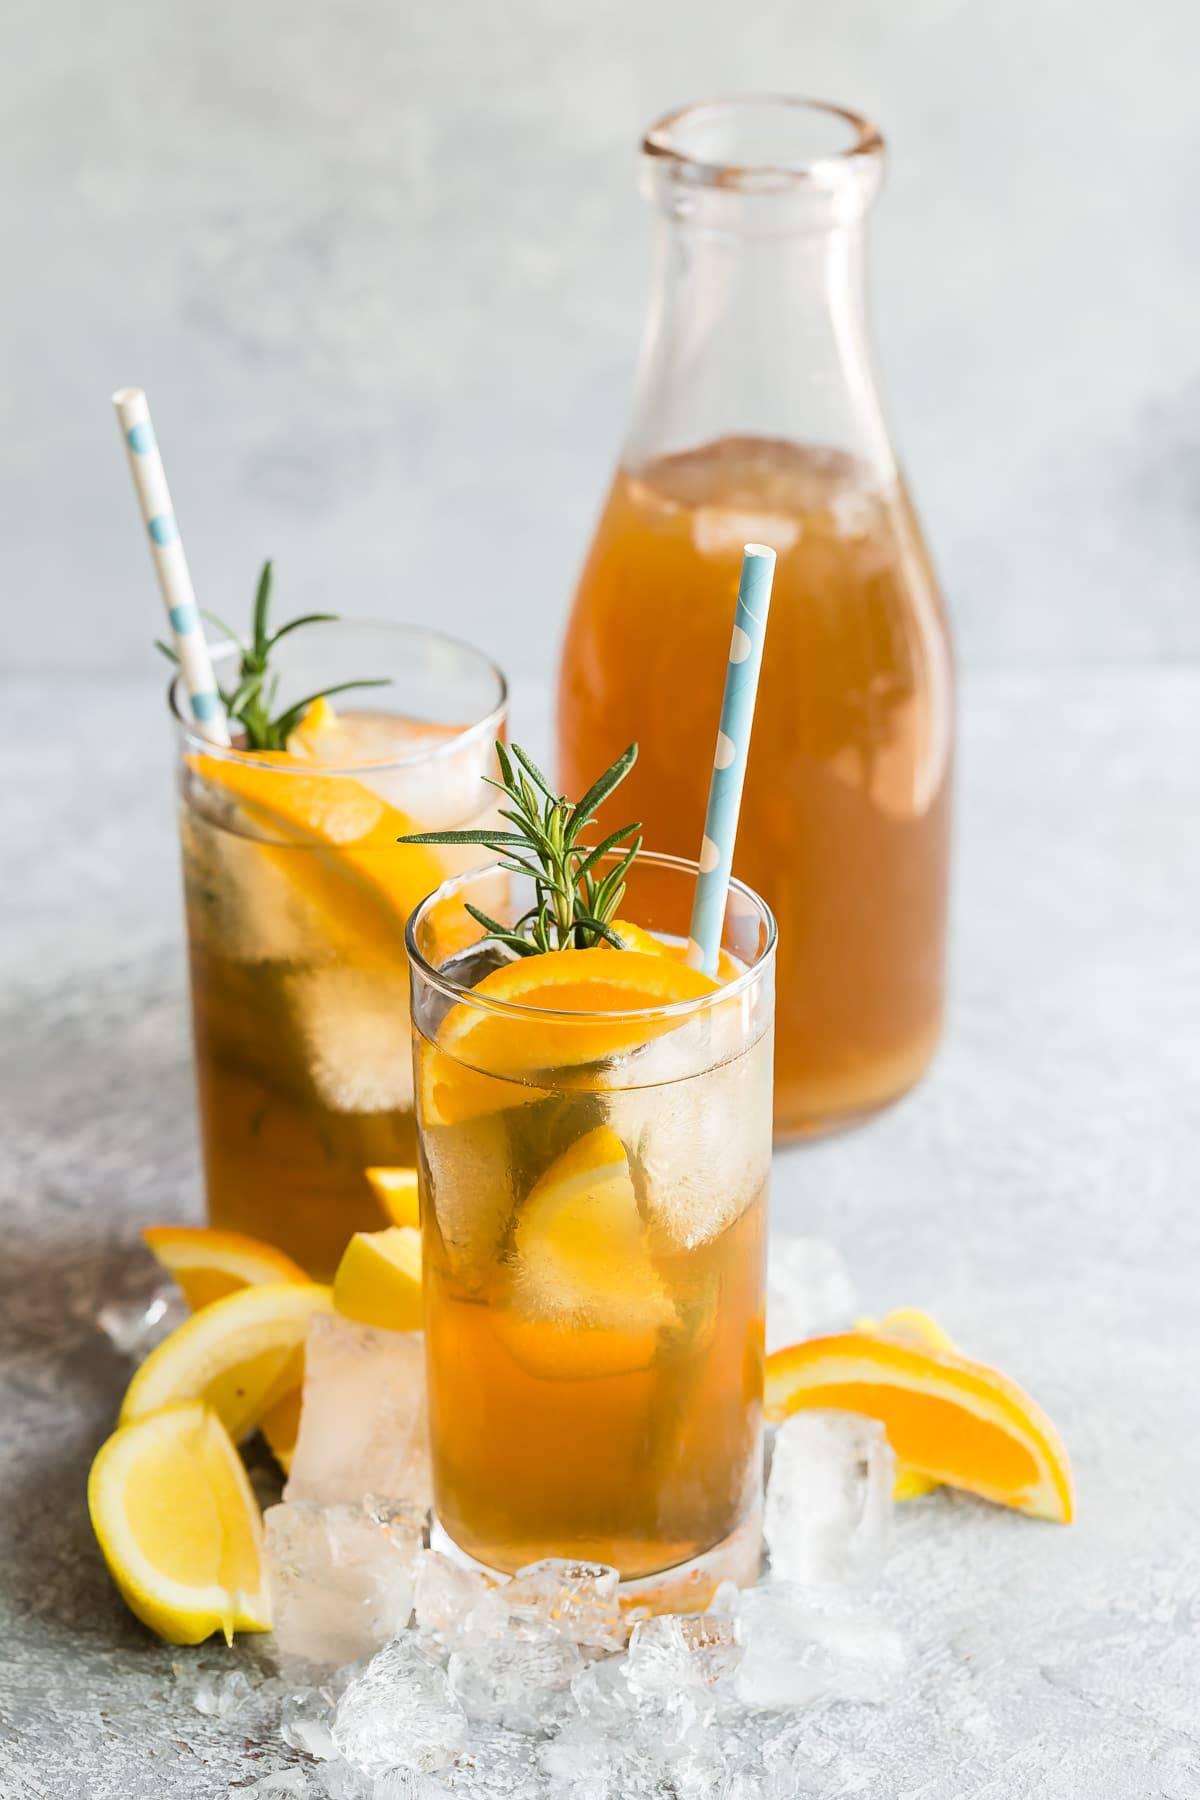 Peach Texas tea with oranges and lemons